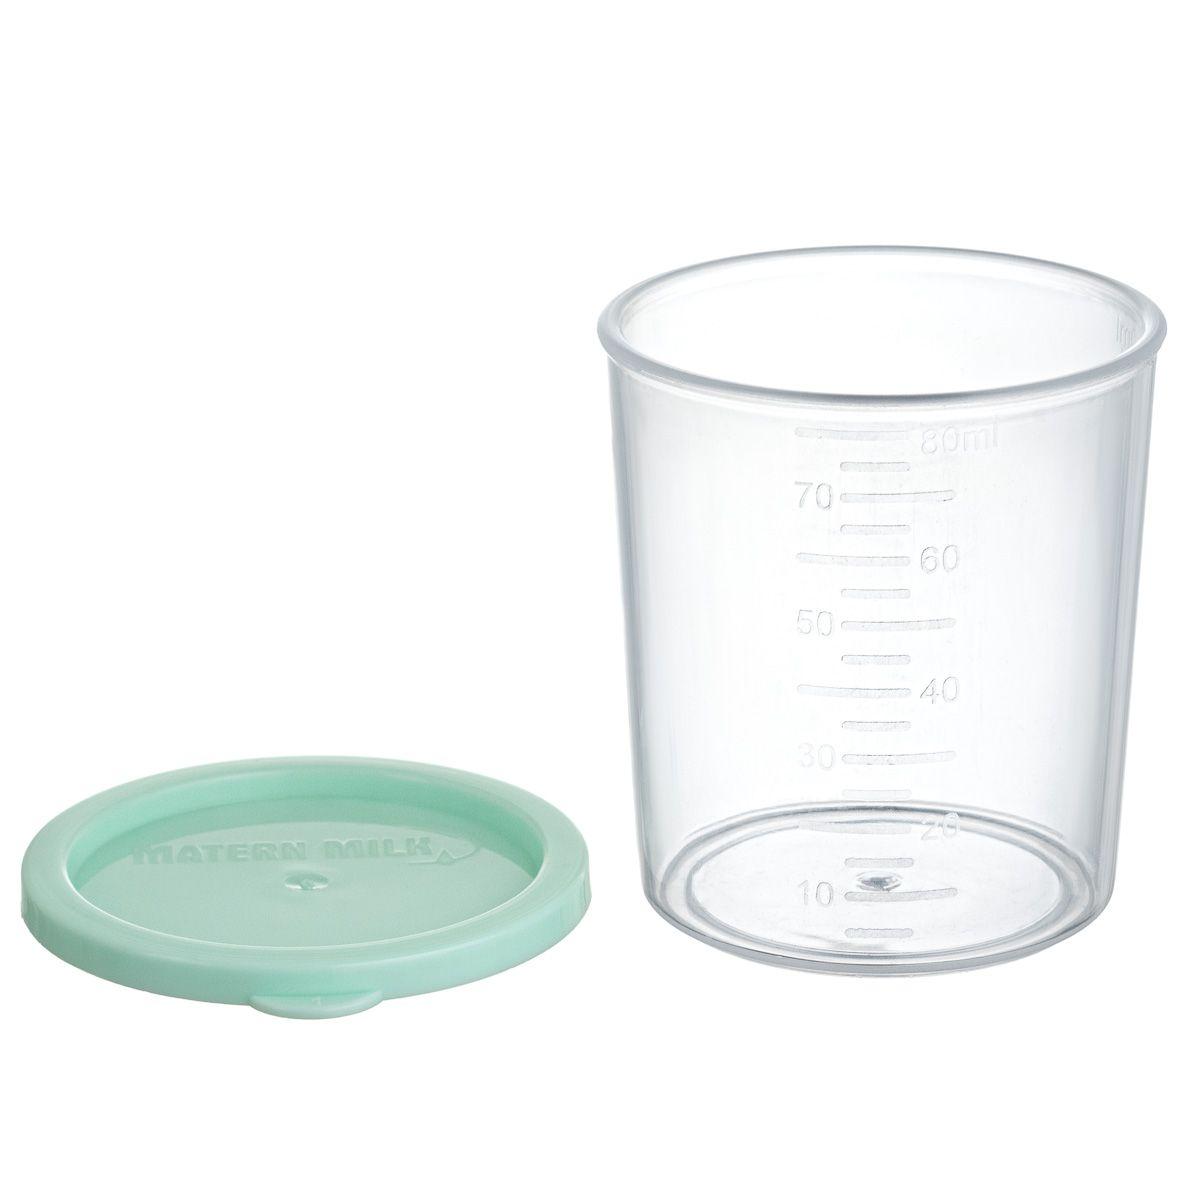 Copo de Aleitamento Materno Verde, 80 ml (com 4 unid). polipropileno atóxico,graduação de 10 em 10 ml  Matern Milk.